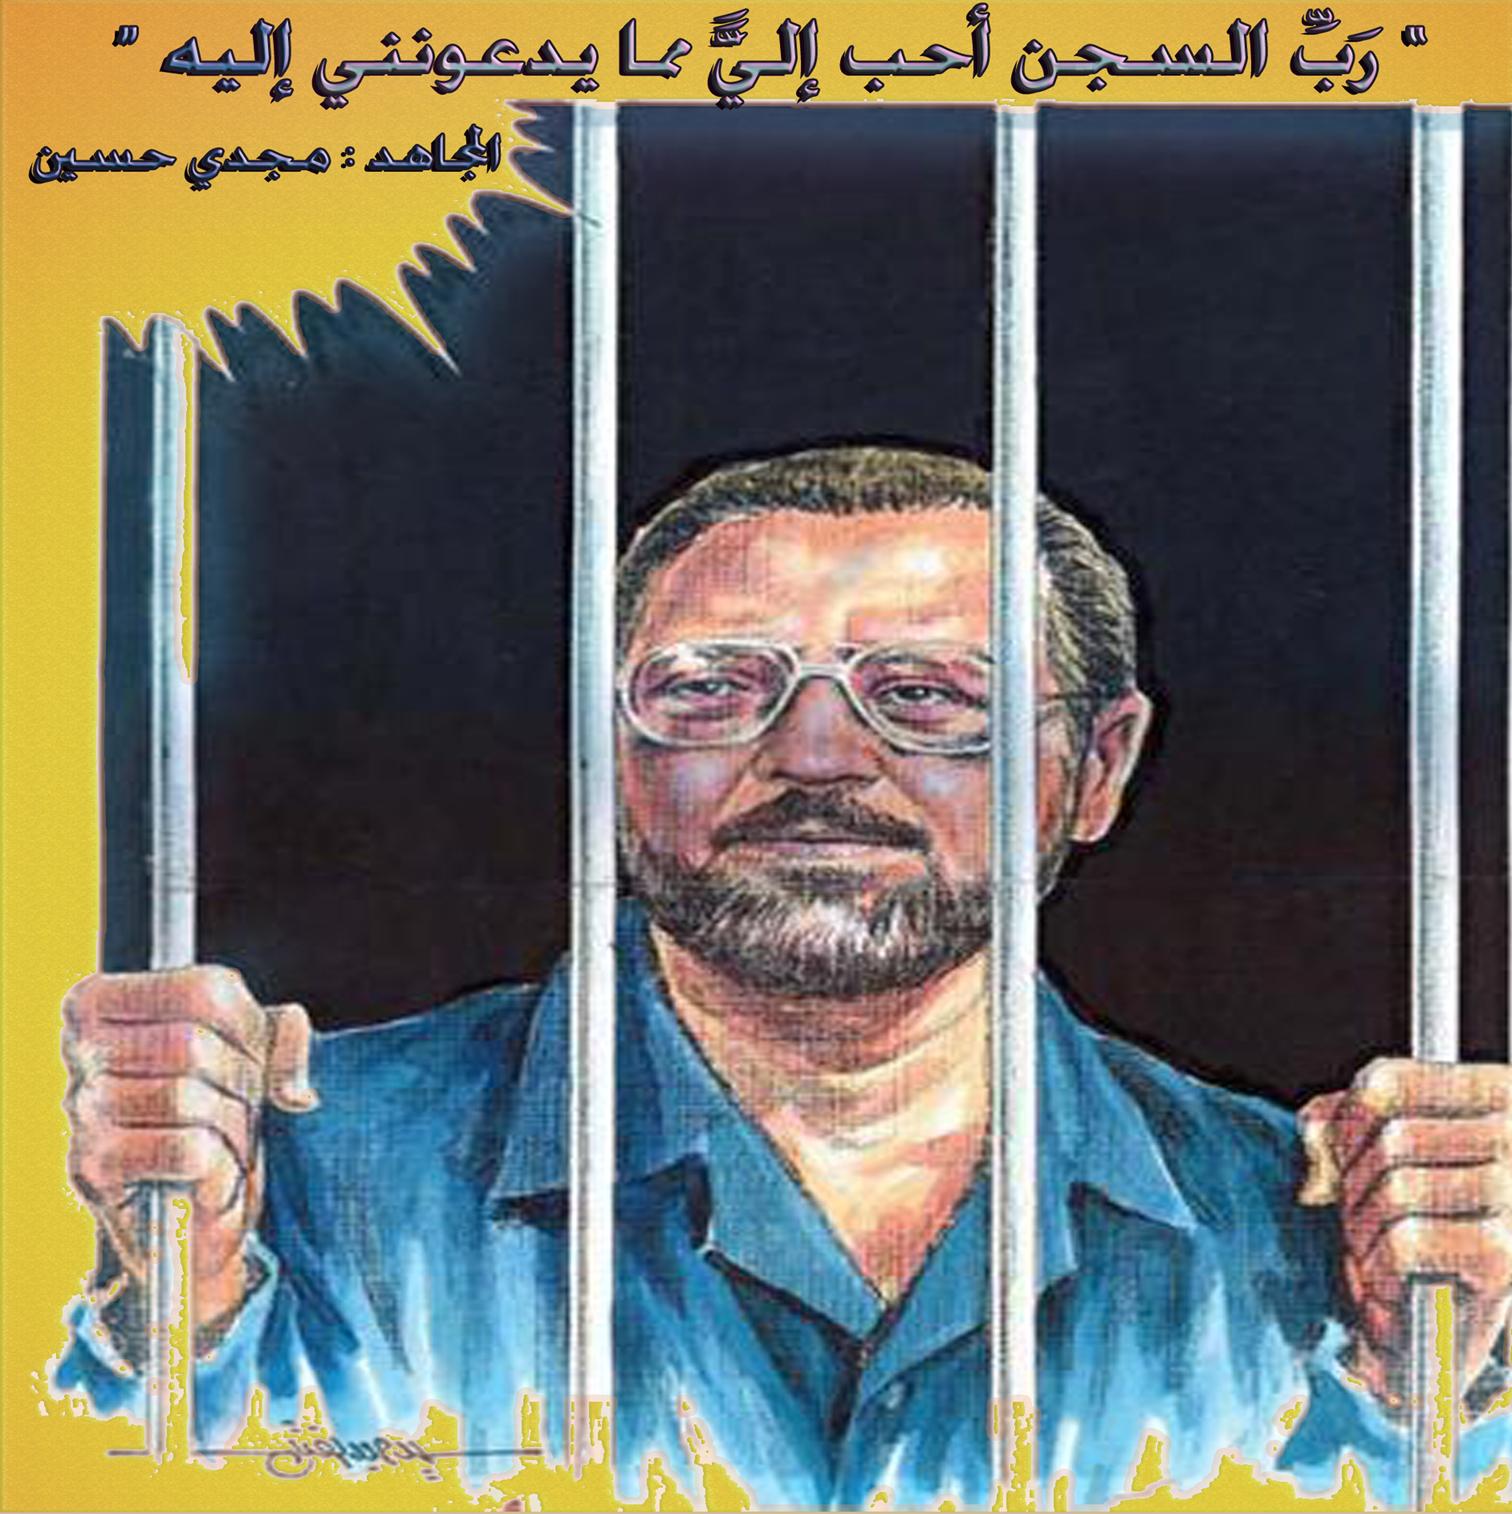 نتيجة بحث الصور عن الصحفي مجدي حسين